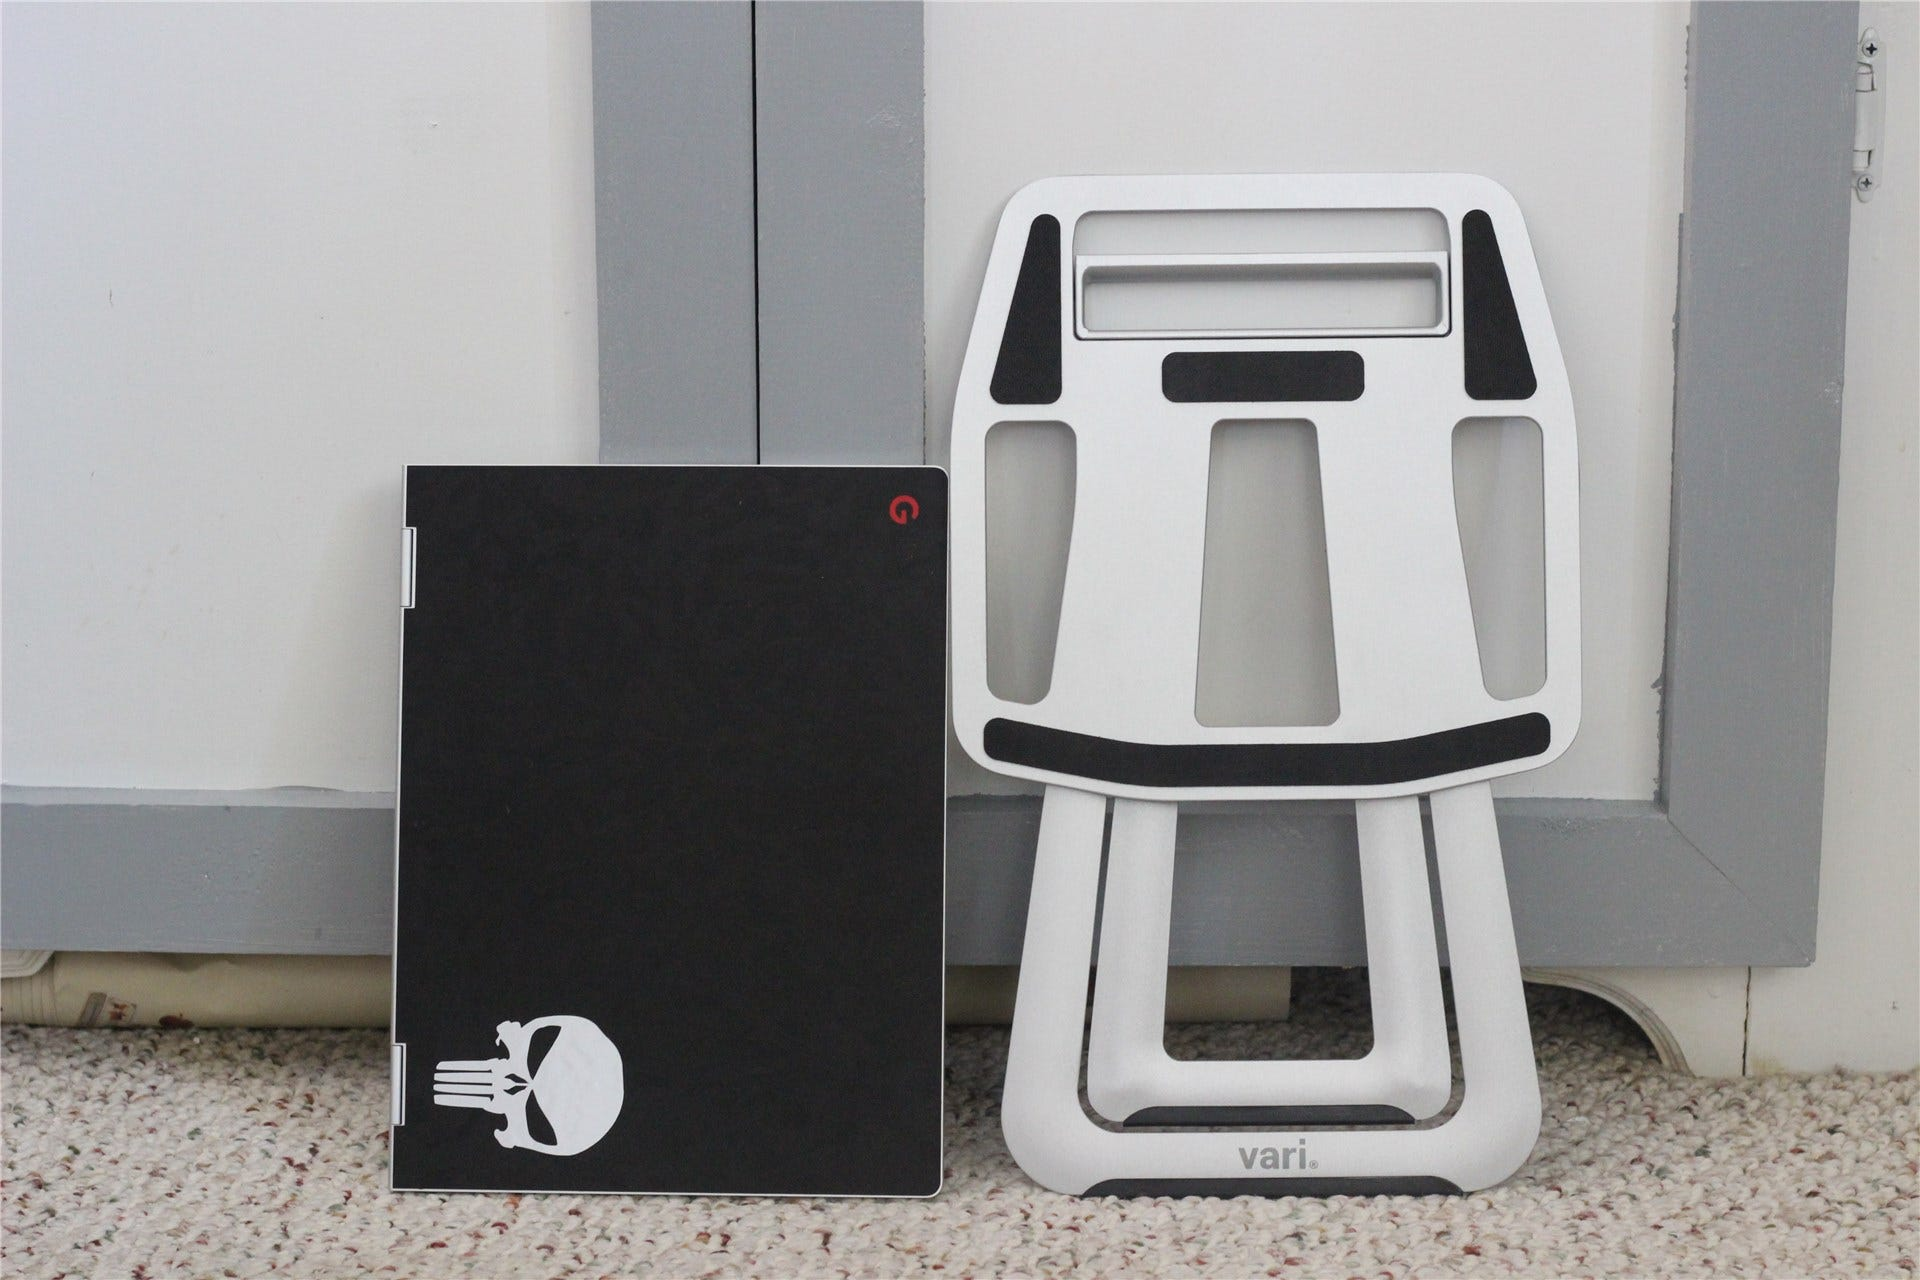 VariDesk 便携式笔记本电脑支架评论:时尚、纤薄、便携的站立式办公桌